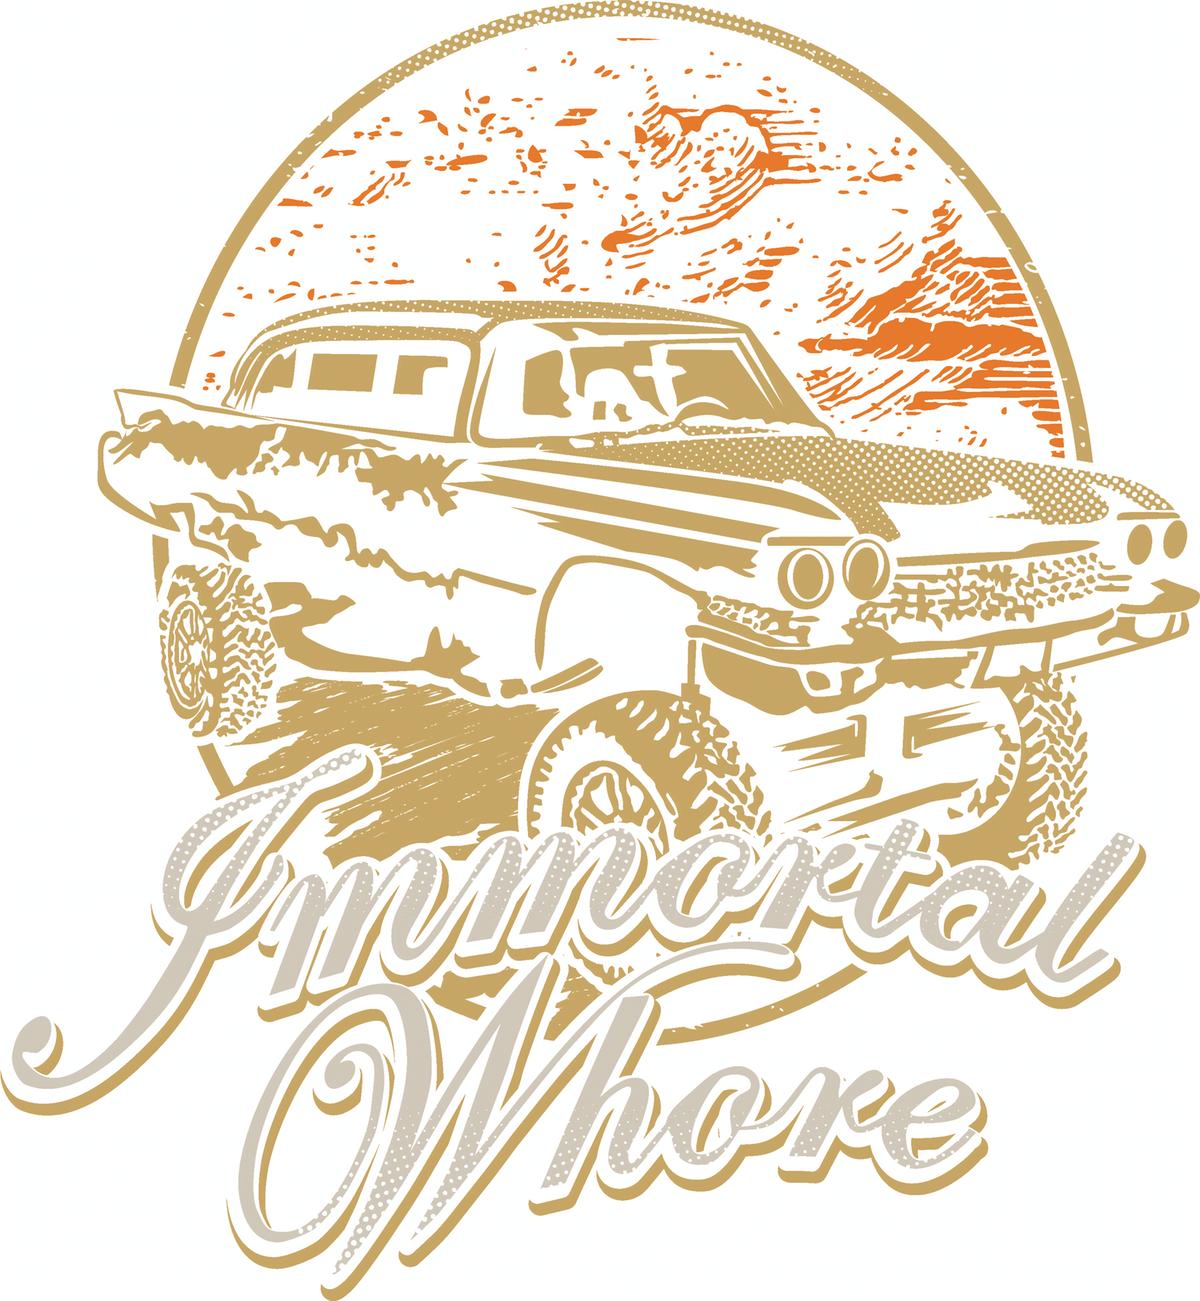 Immortal Whore t-shirt Design